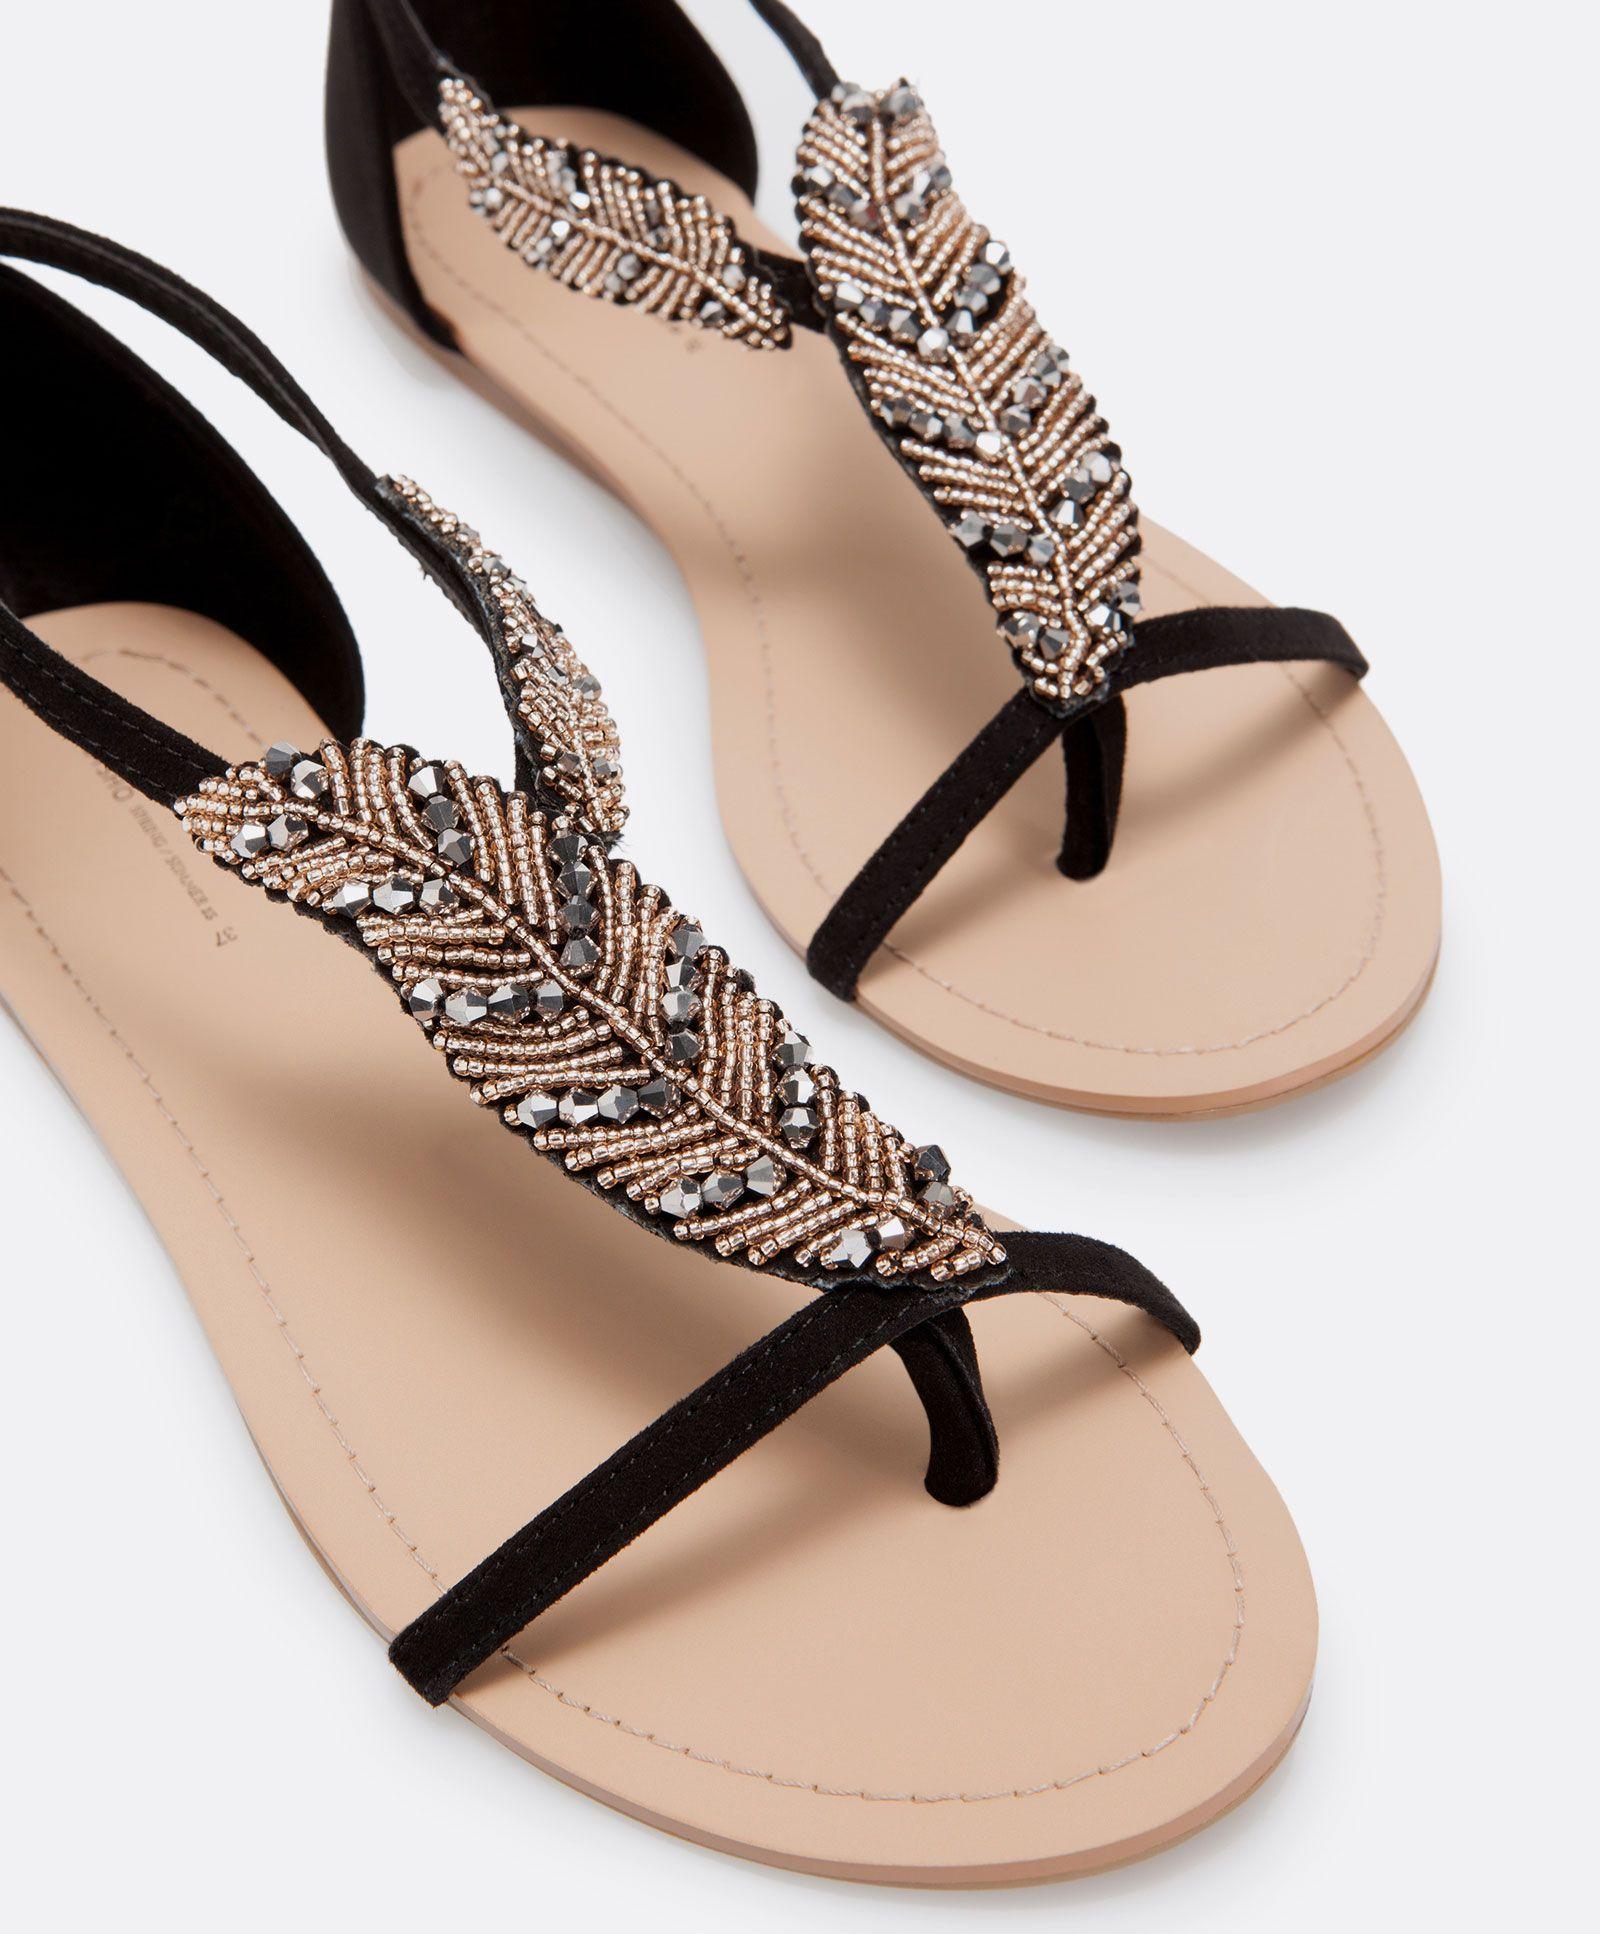 Sandales feuille perles, null€ - null - Collection Automne-Hiver OYSHO  online. Voir cette épingle et d'autres images dans SANDALES SHOES ...